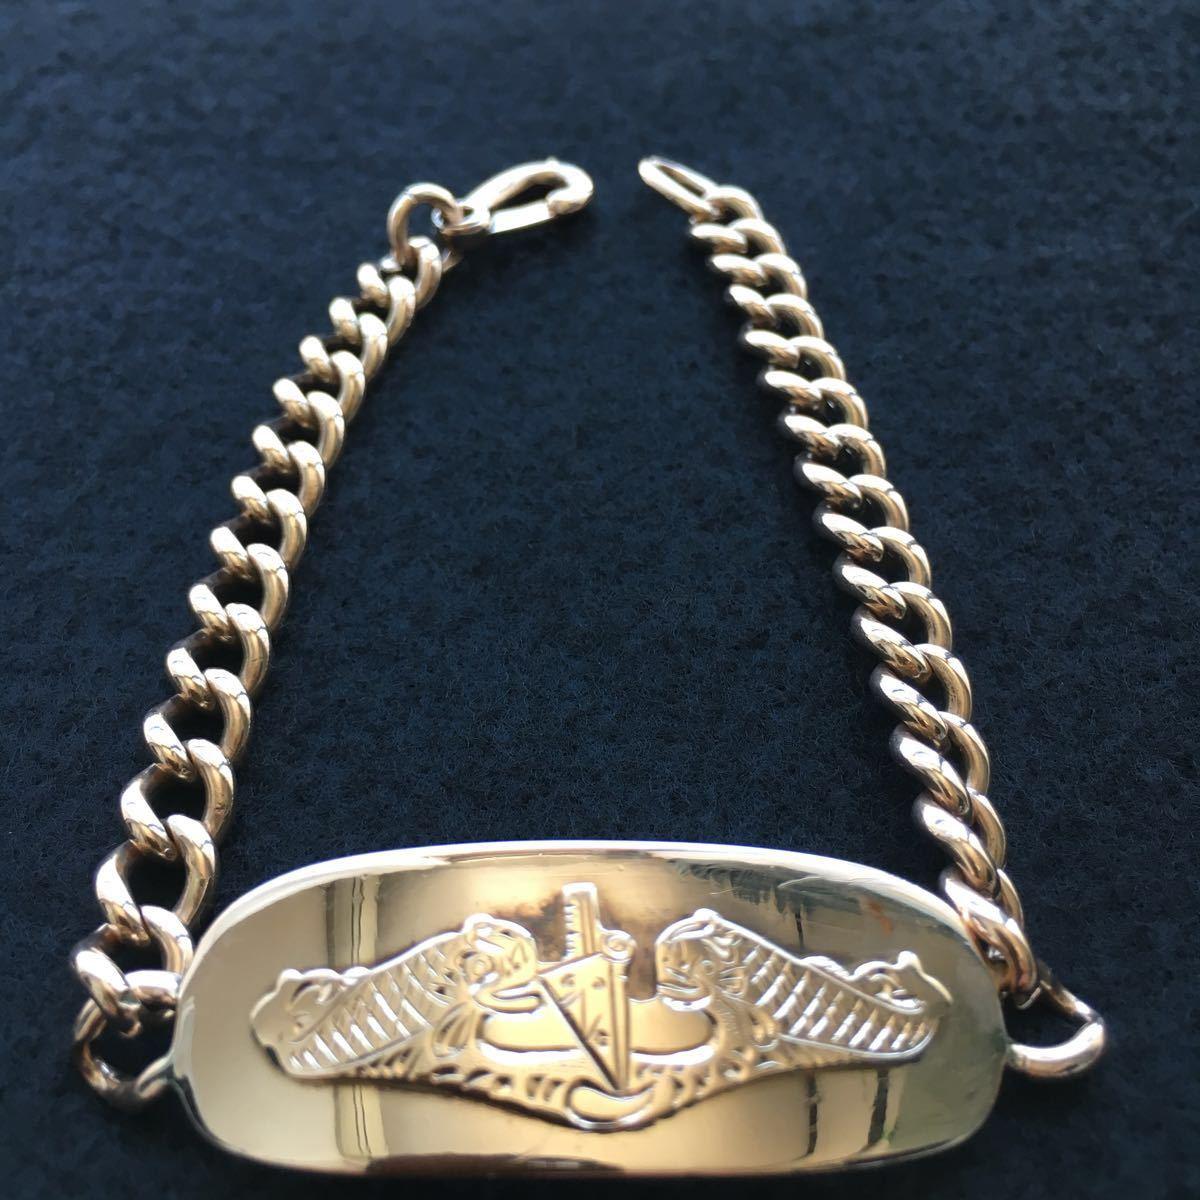 希少 貴金属 YG/10金 K10 ゴールド 1945年 ID ブレスレット ブレス ミリタリー 海軍 米軍 アメリカ軍 歴史資料 軍隊 潜水艦 アンティーク